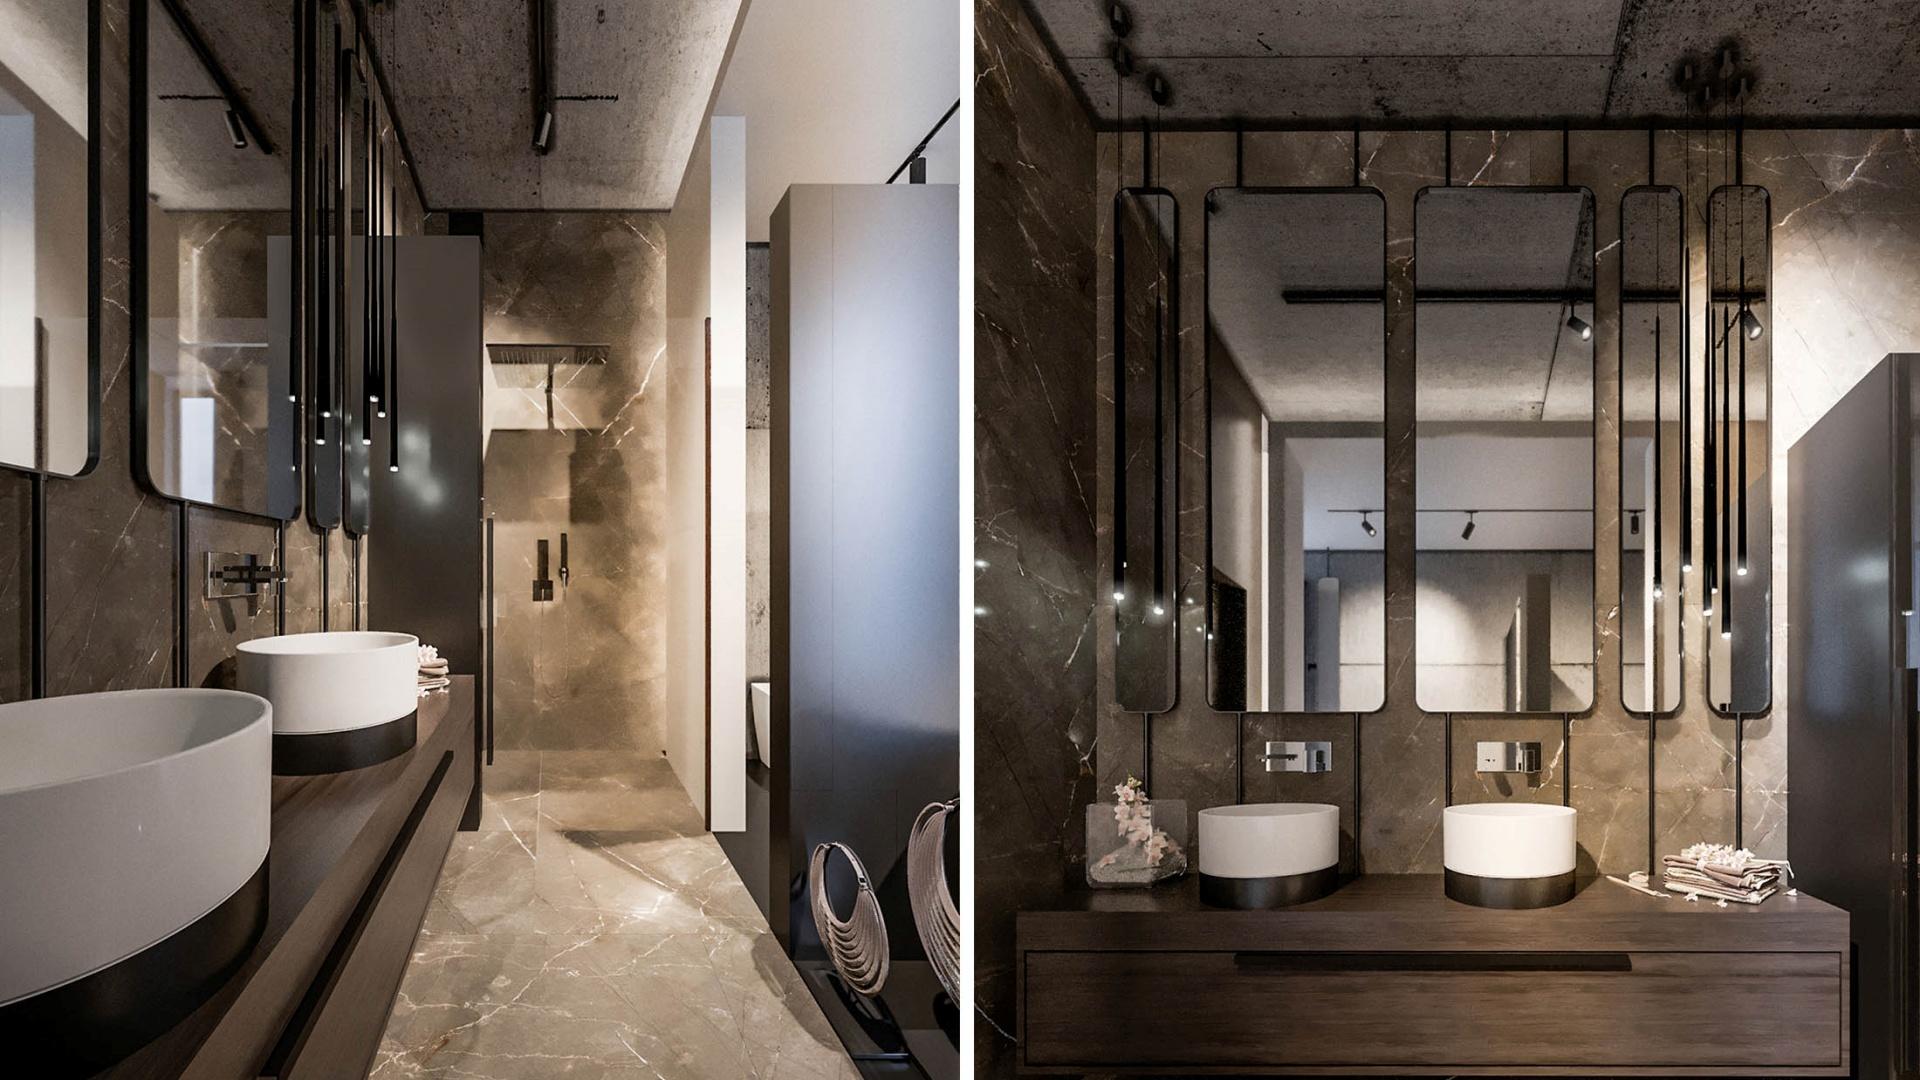 Projekt wnętrz RE: CONCRETE HOUSEprojektu architekta Marcina Tomaszewskiego REFORM-Architekt